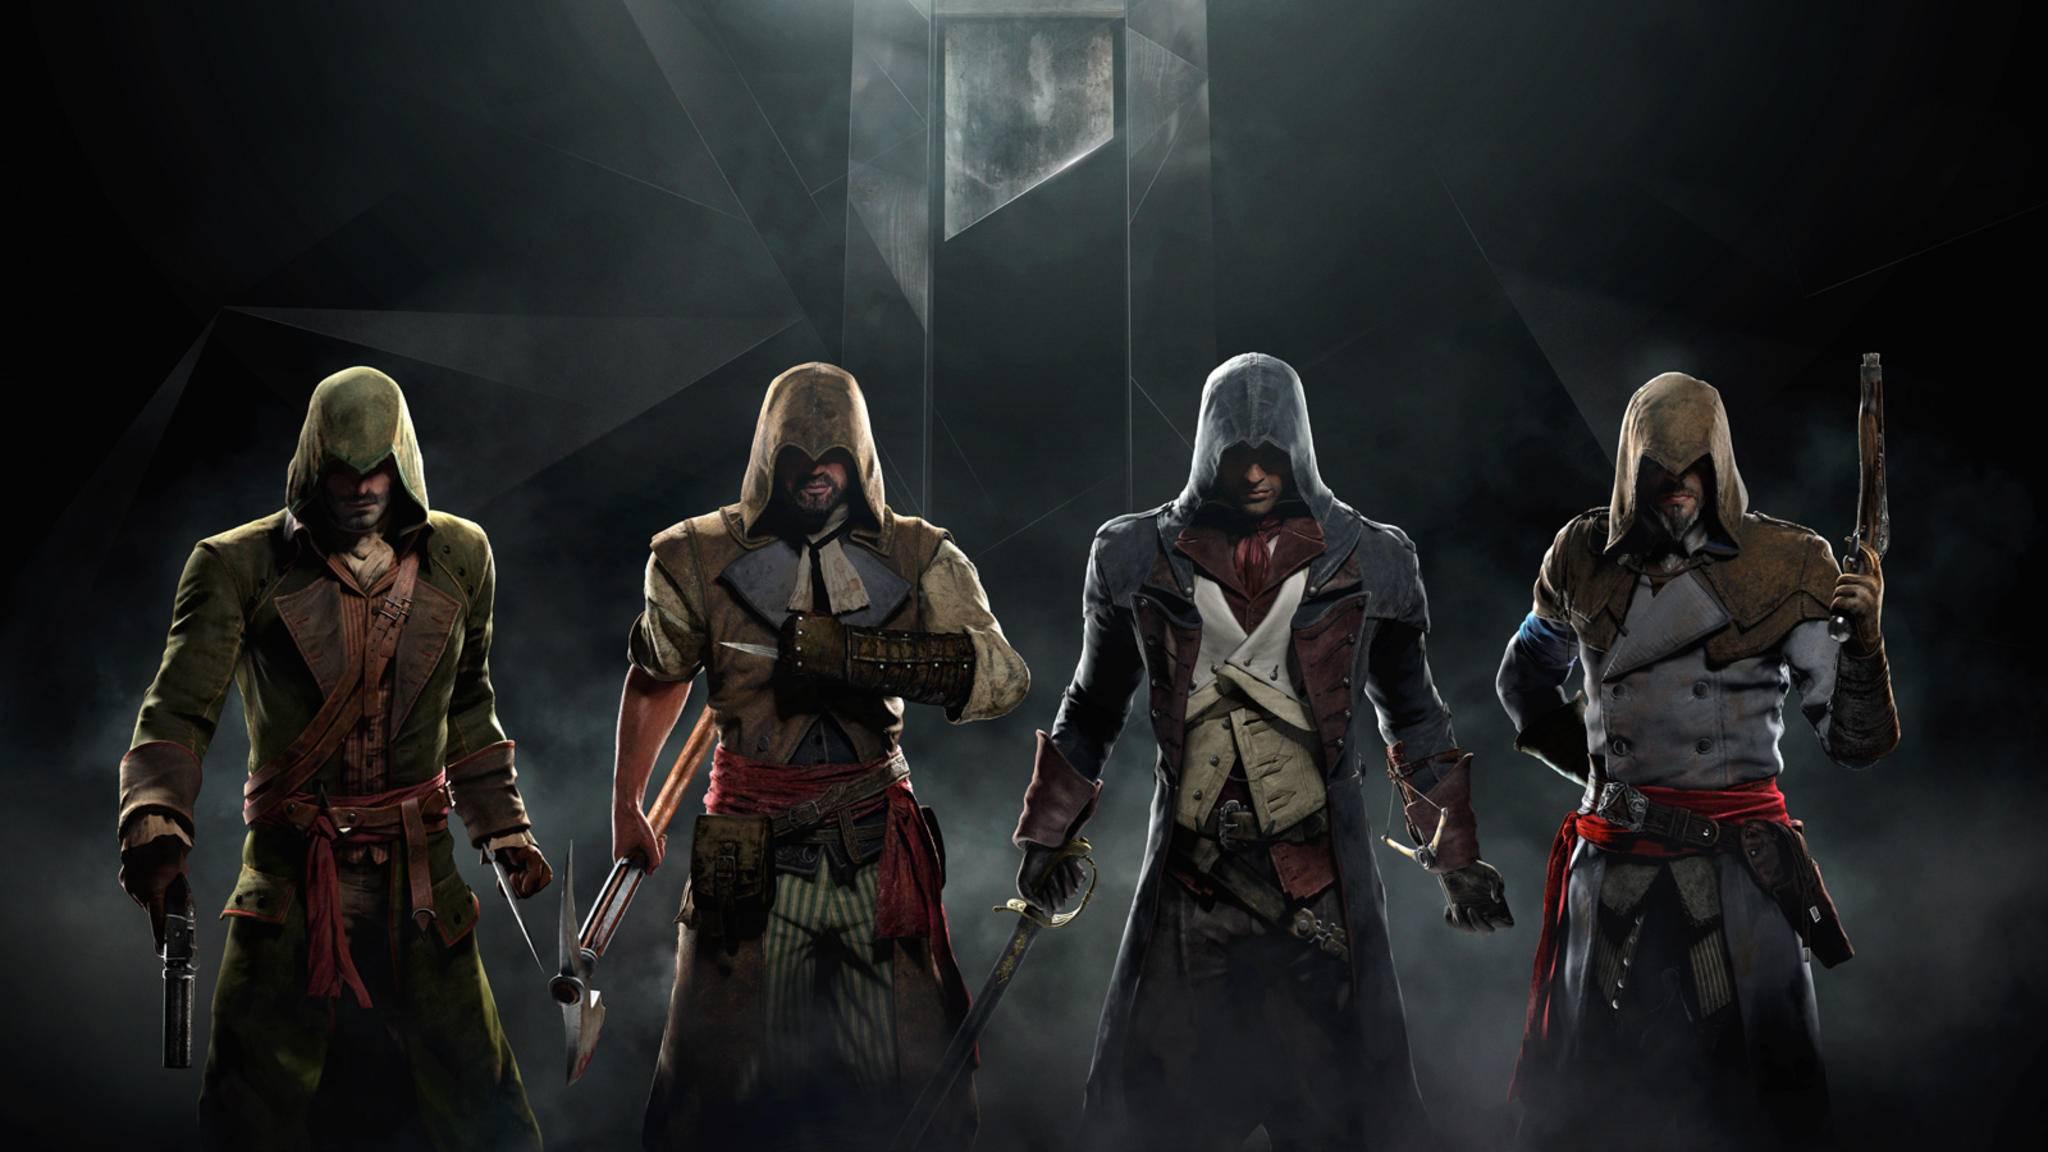 Der Look der Assassinen: Die Attentäter im Hintergrund verbergen ihre Gesichter.